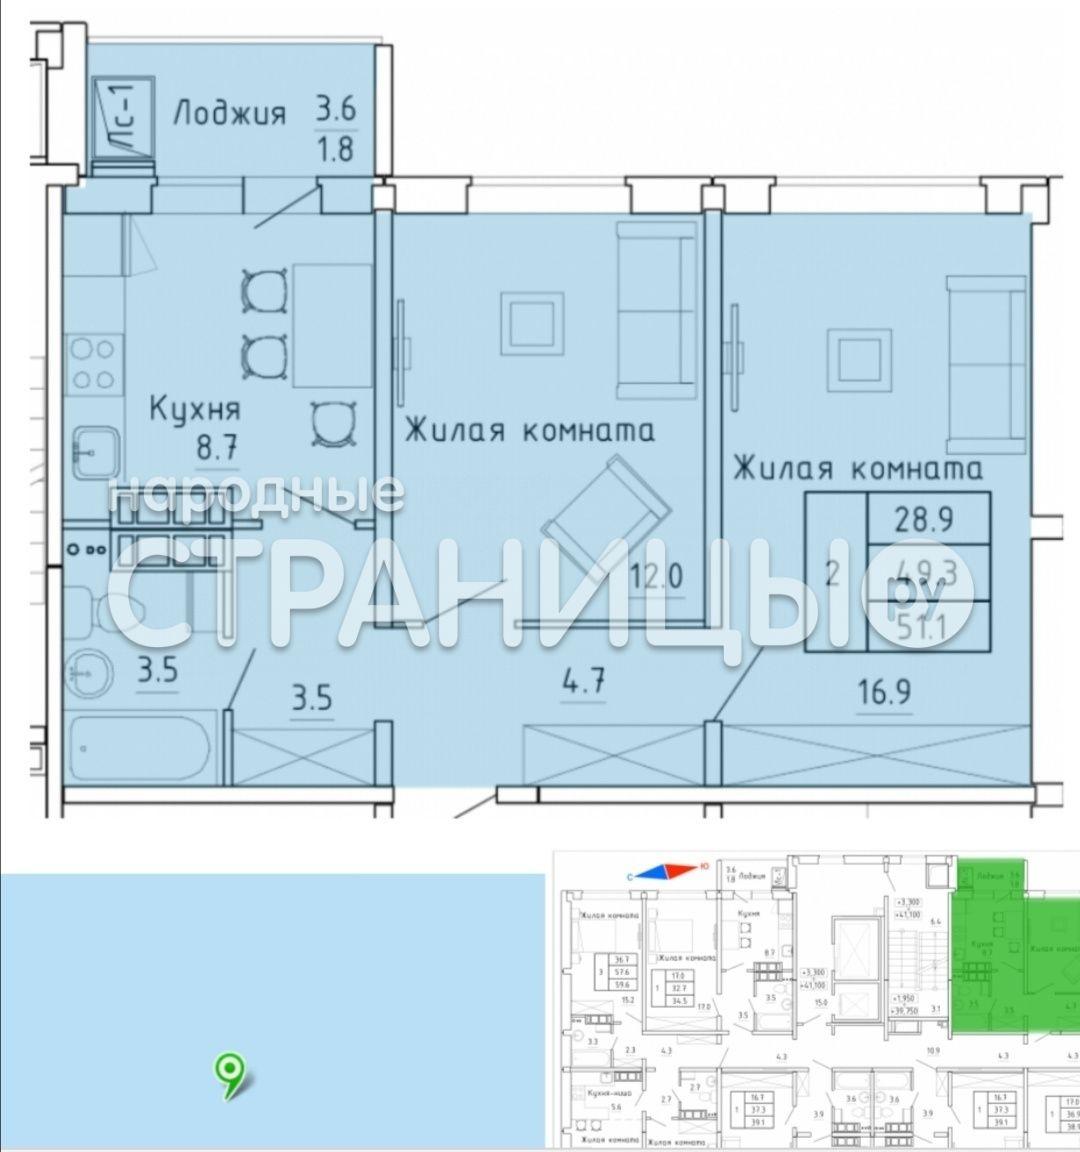 2-комнатная квартира, 51.1 м²,  16/16 эт. Панельный дом